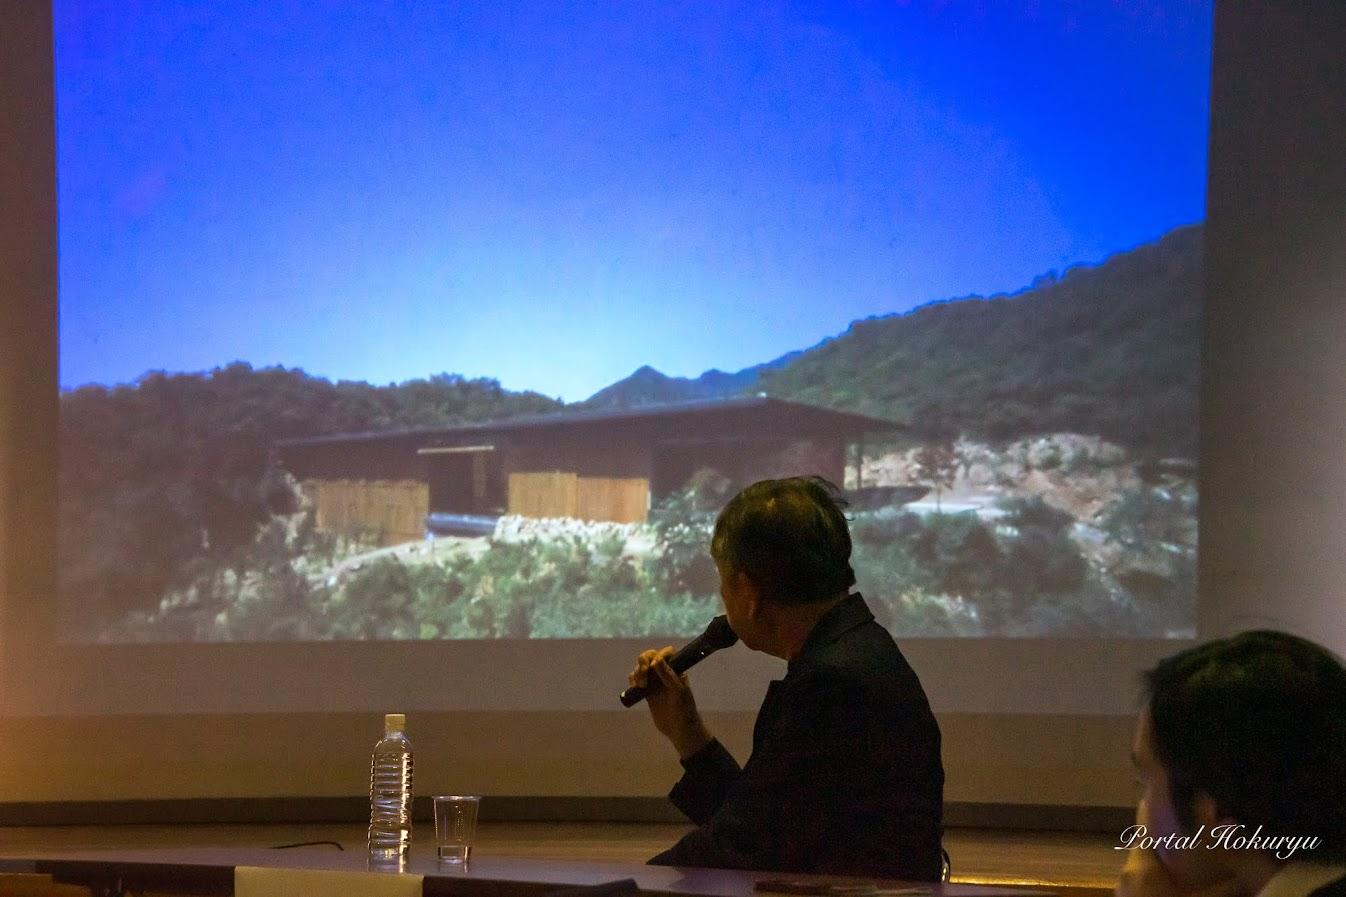 中国万里長城の麓に建つ「Commune by the Great Wall」